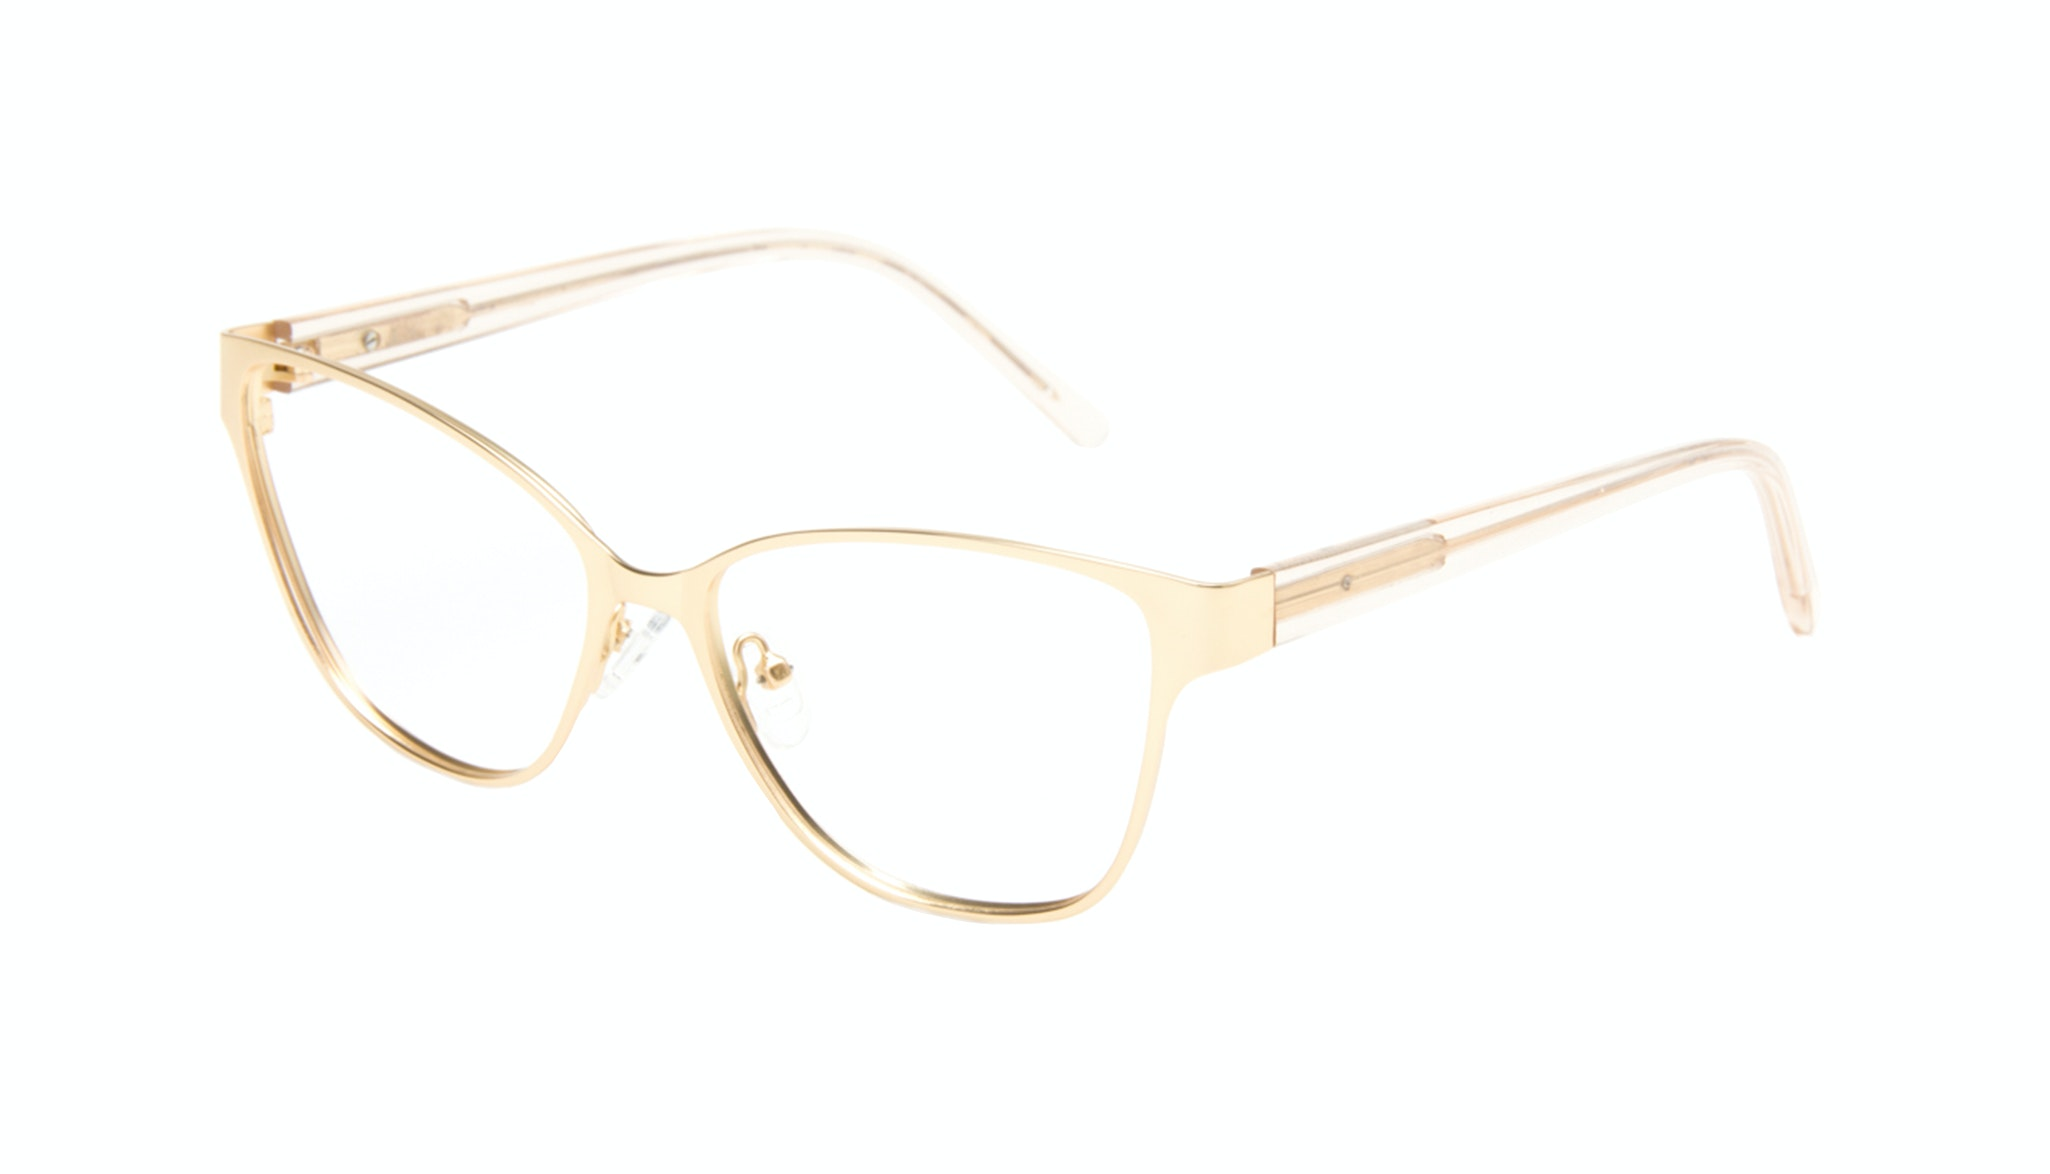 Affordable Fashion Glasses Cat Eye Rectangle Eyeglasses Women Radiant Gold Tilt